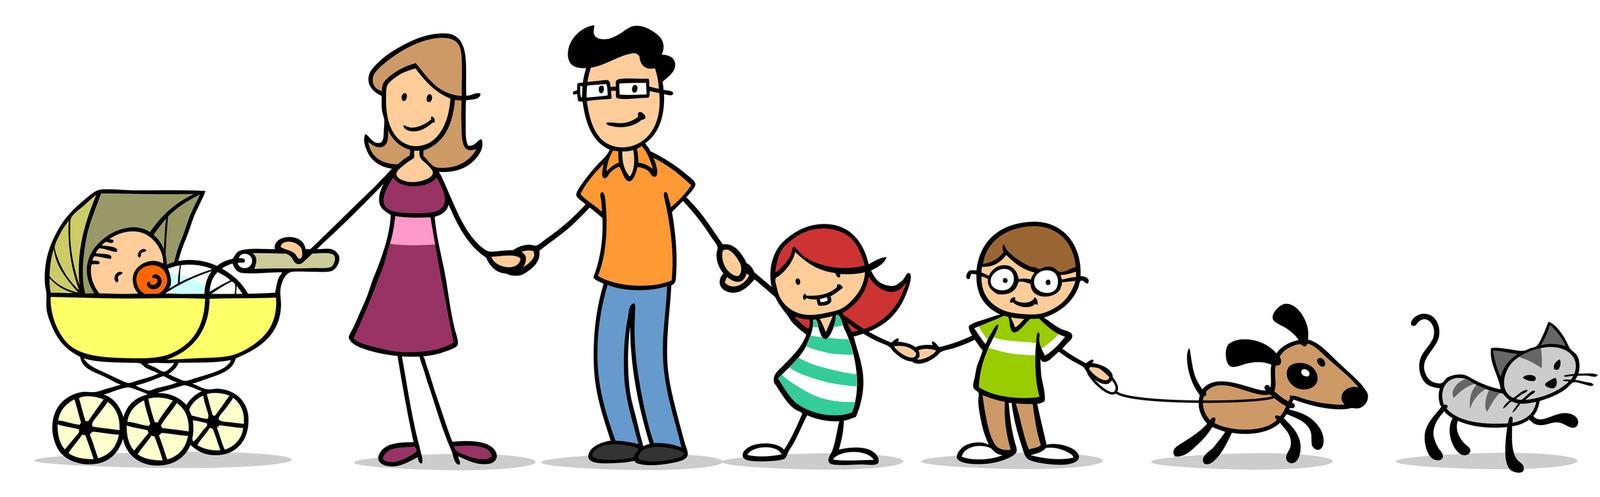 Impuls zusammenleben aargaus d kinder familien for Minimalistisch leben mit familie